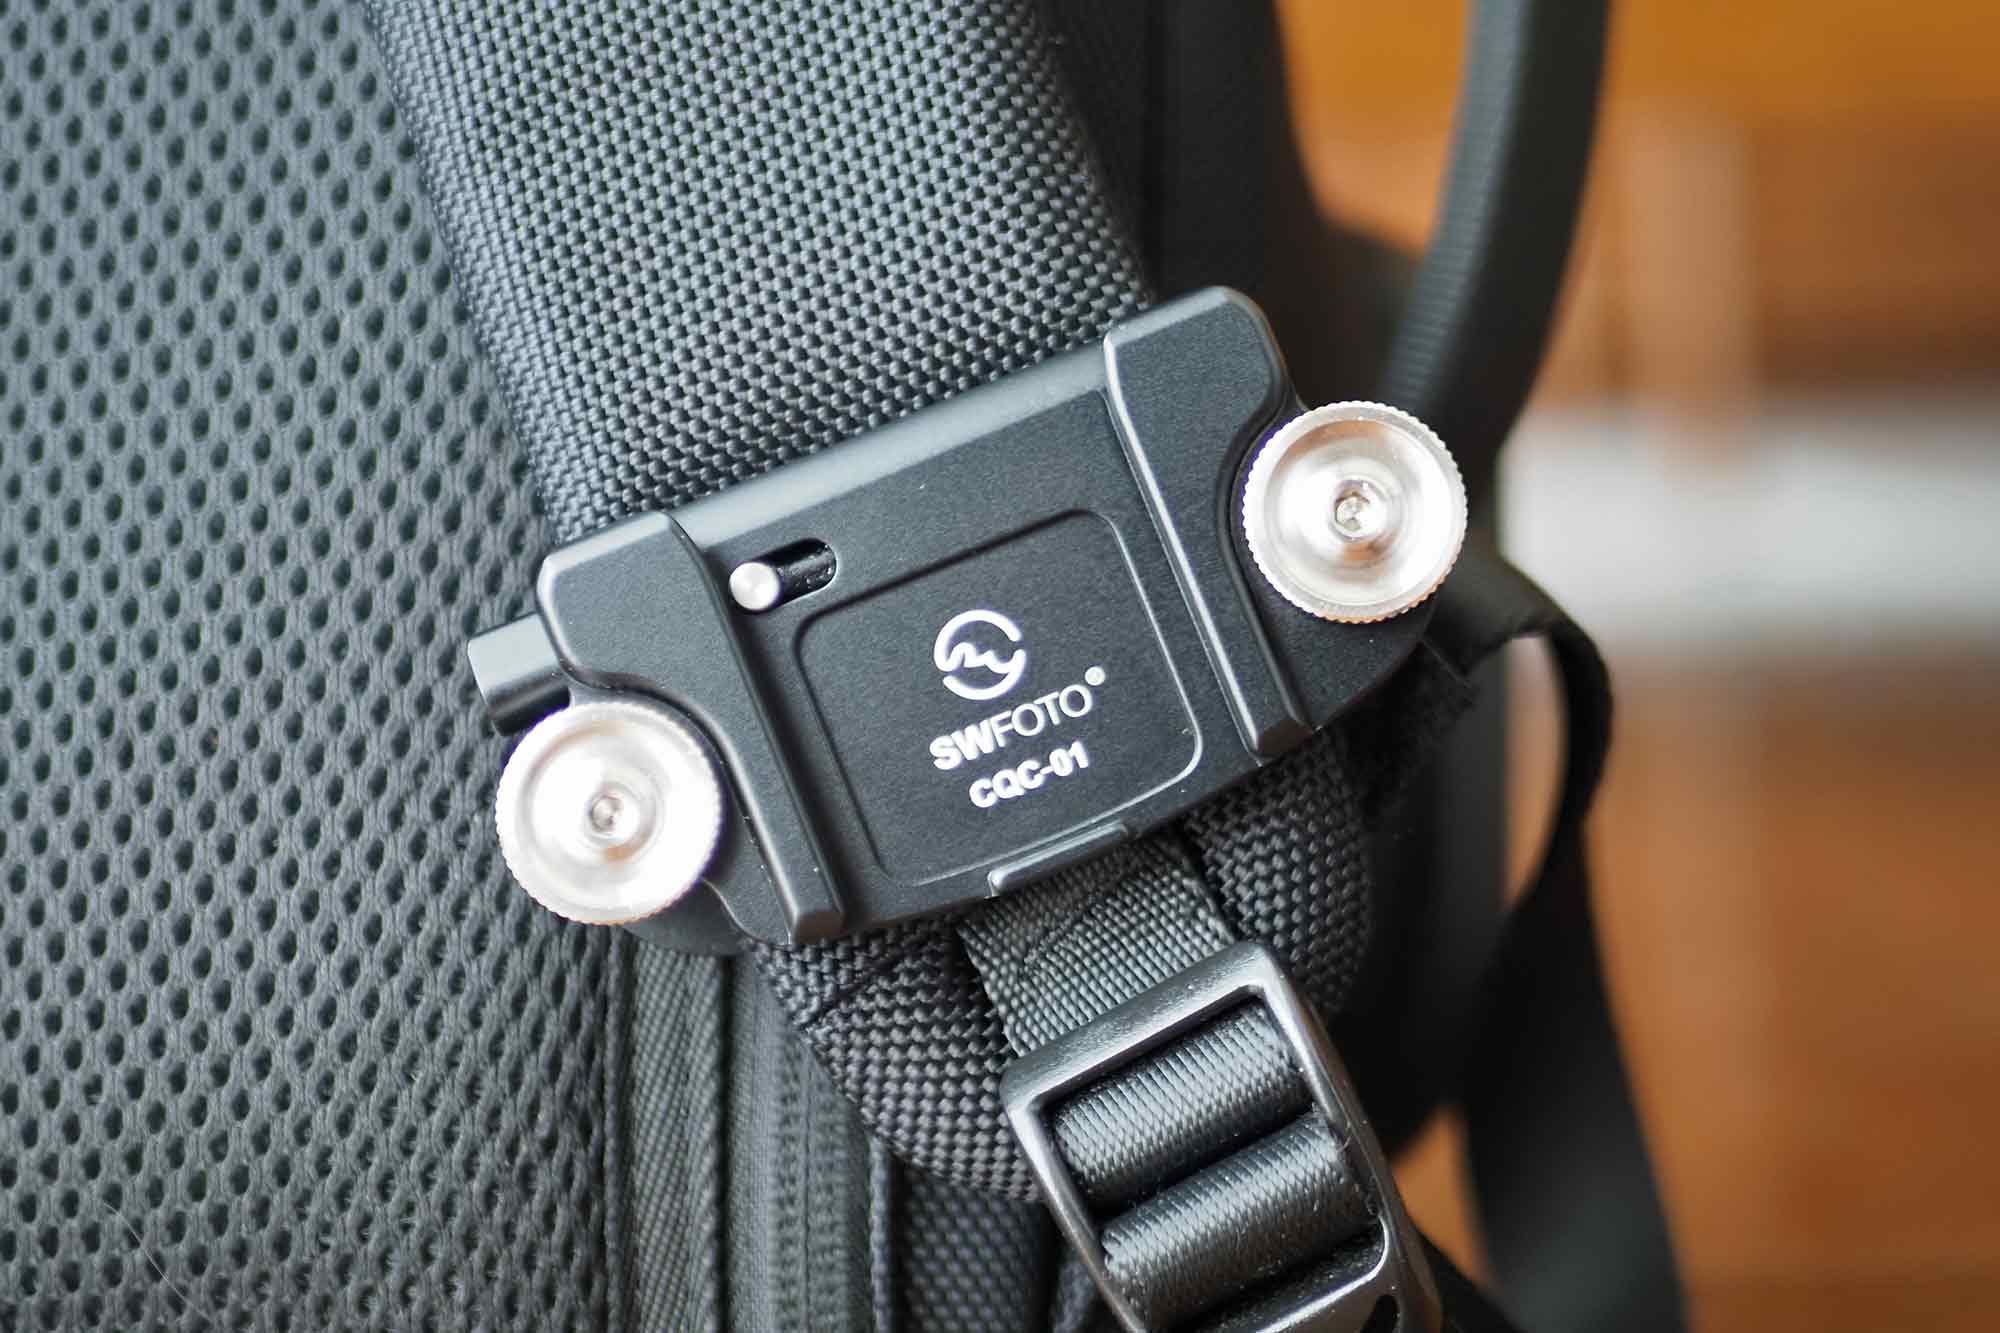 カメラホルスター,SWFOTO,ミラーレス一眼,一眼レフ,安い,コスパ,軽い,